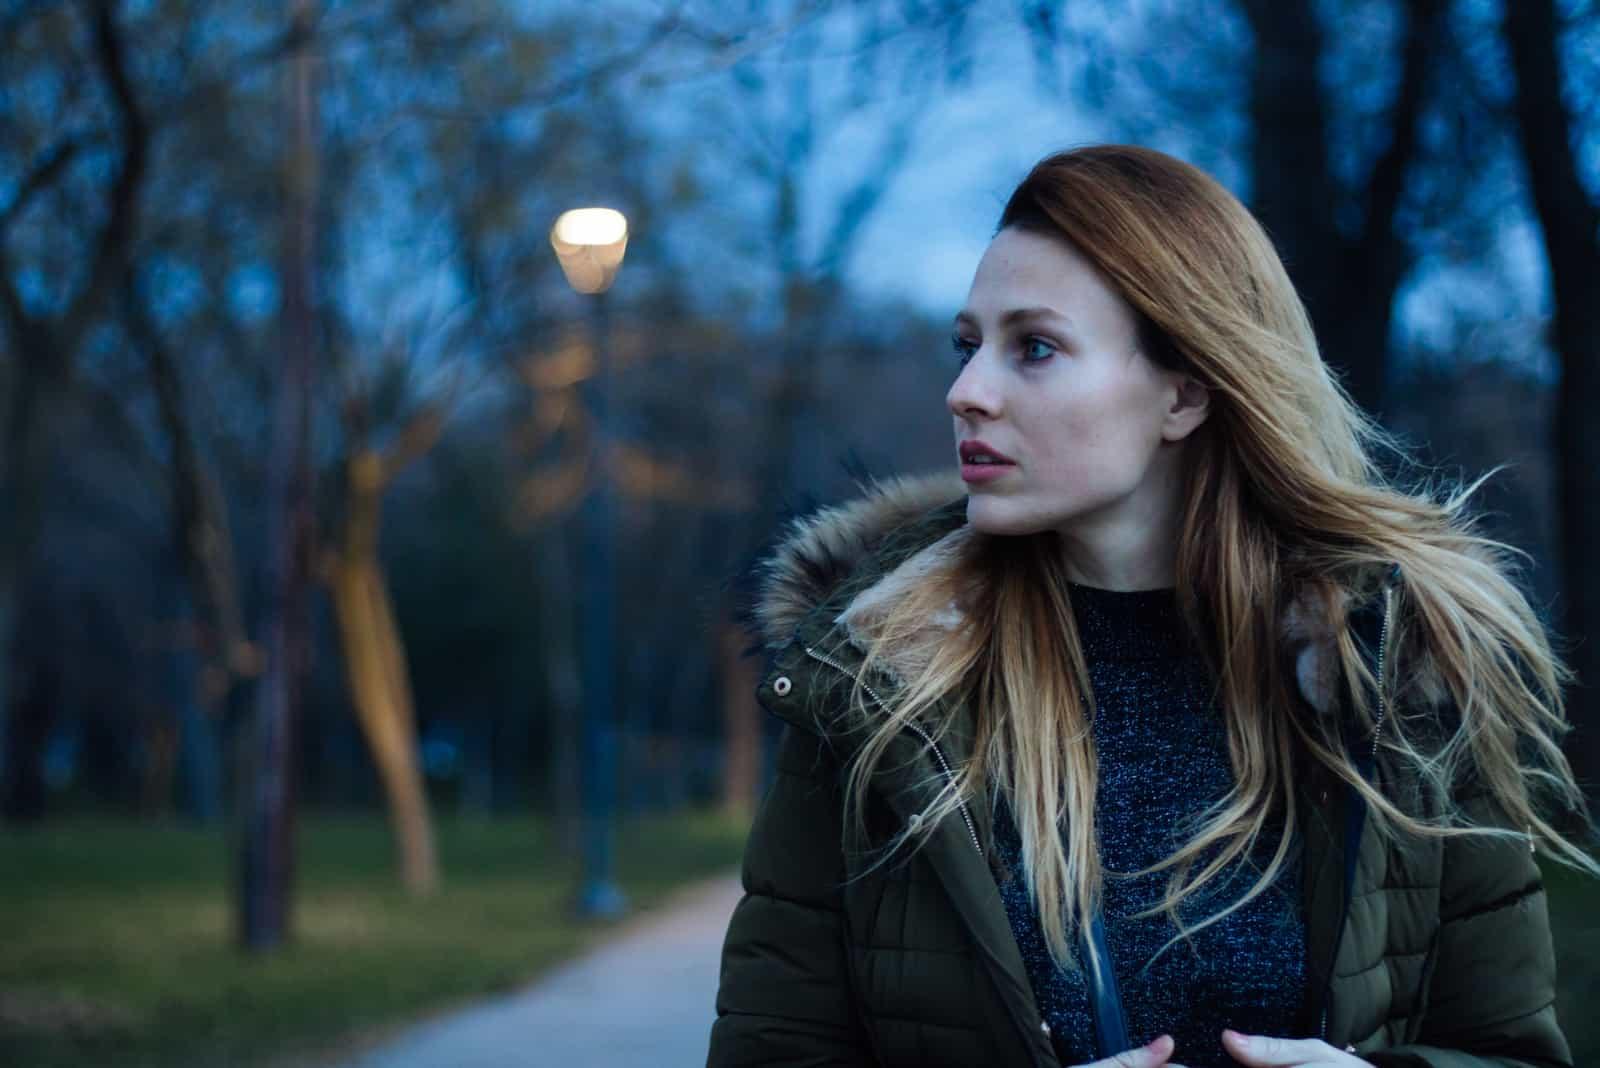 une femme aux longs cheveux blonds marche dans la rue